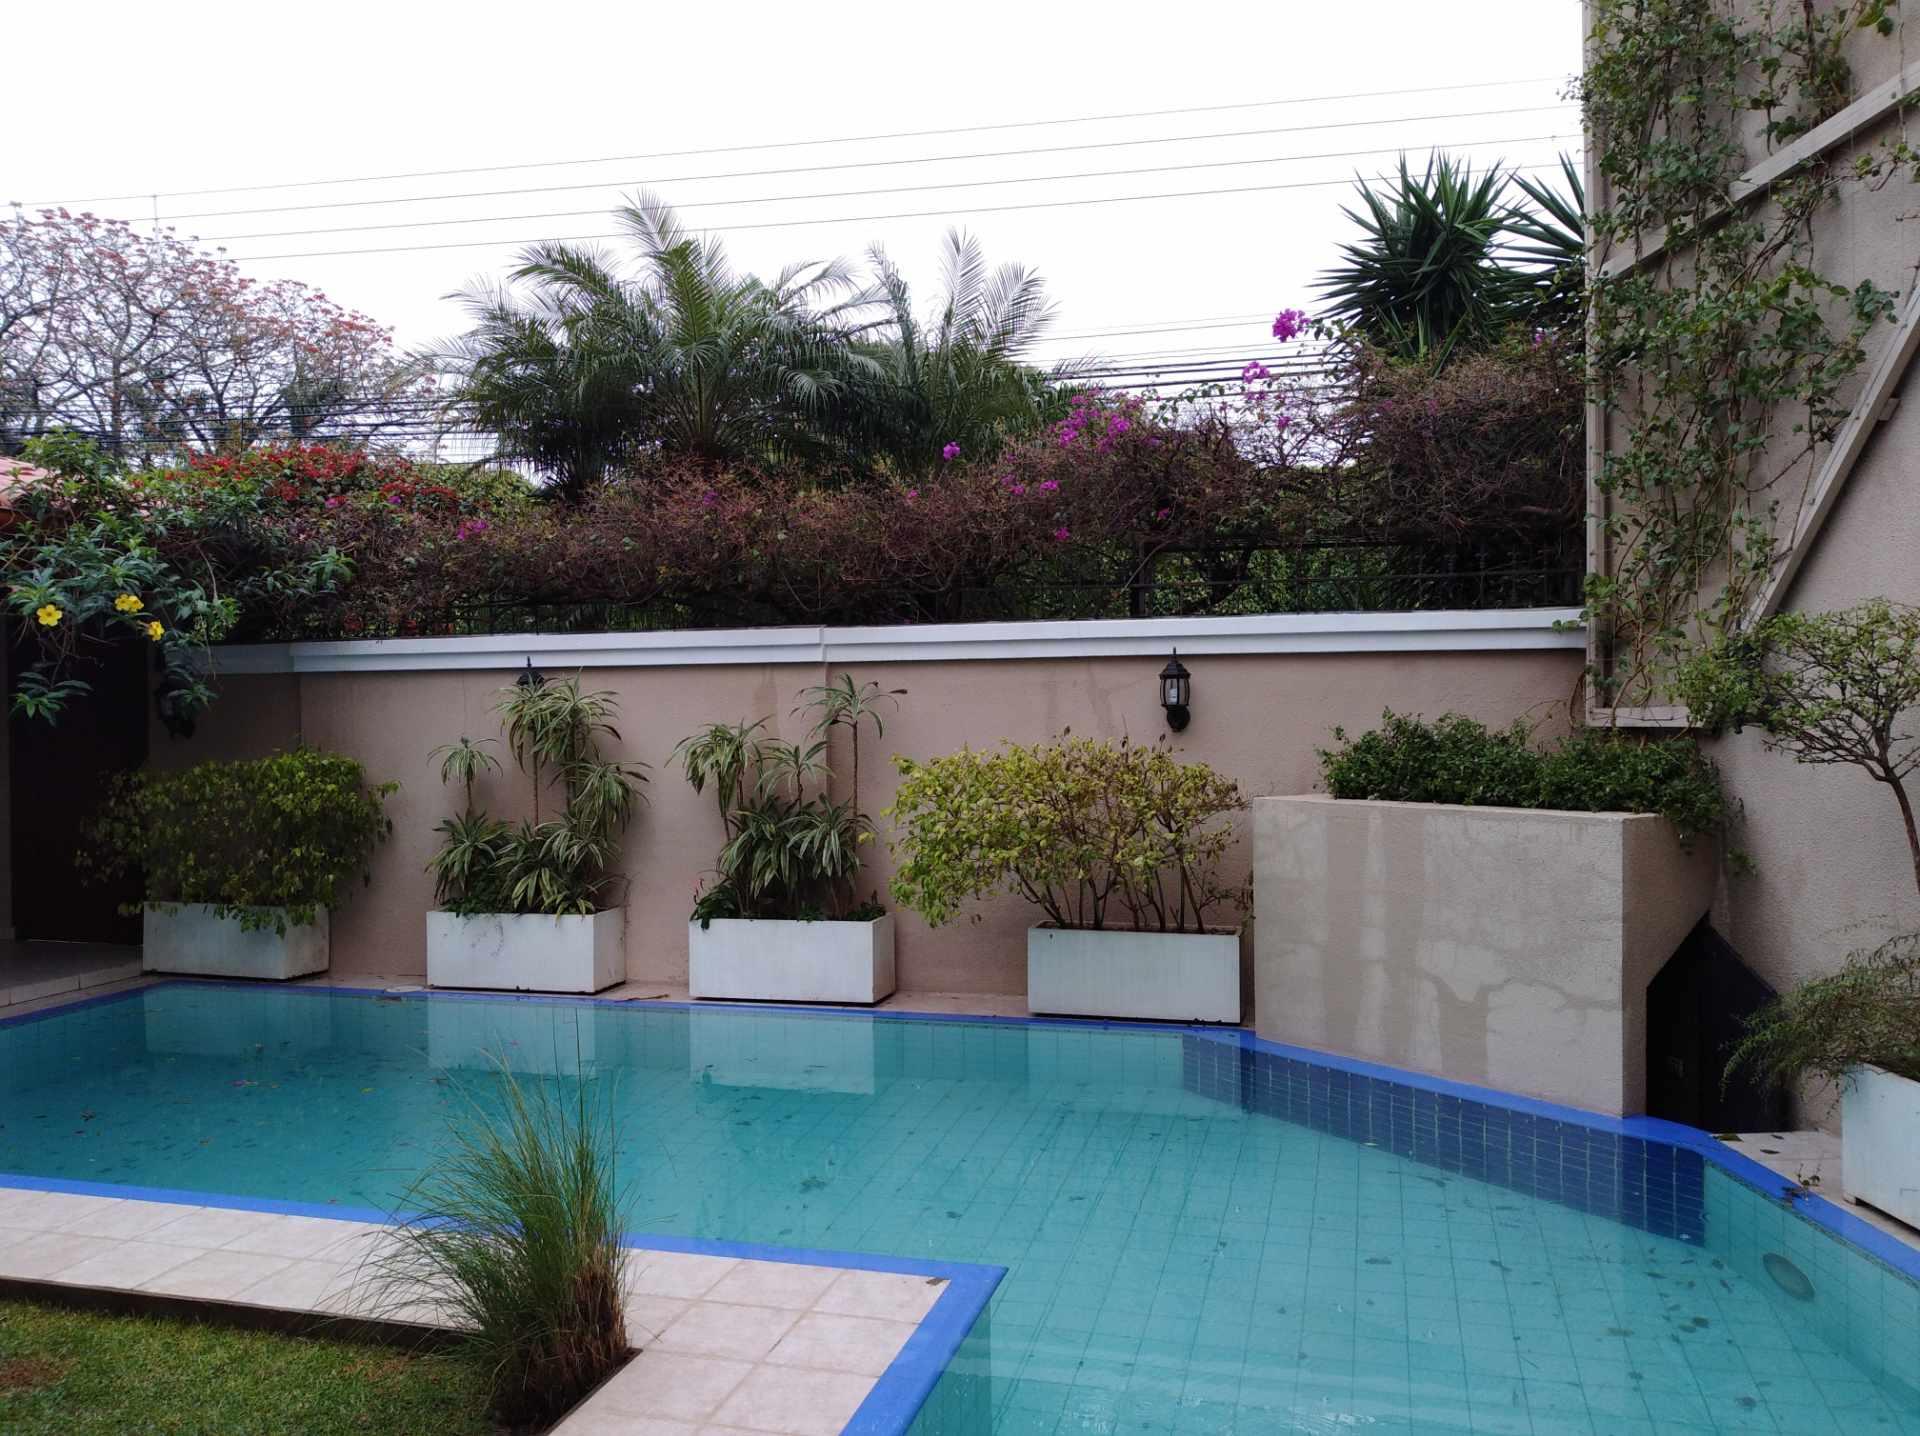 Casa en Alquiler COND. BARRIO NORTE EN ALQUILER ELEGANTE RESIDENCIA Foto 25